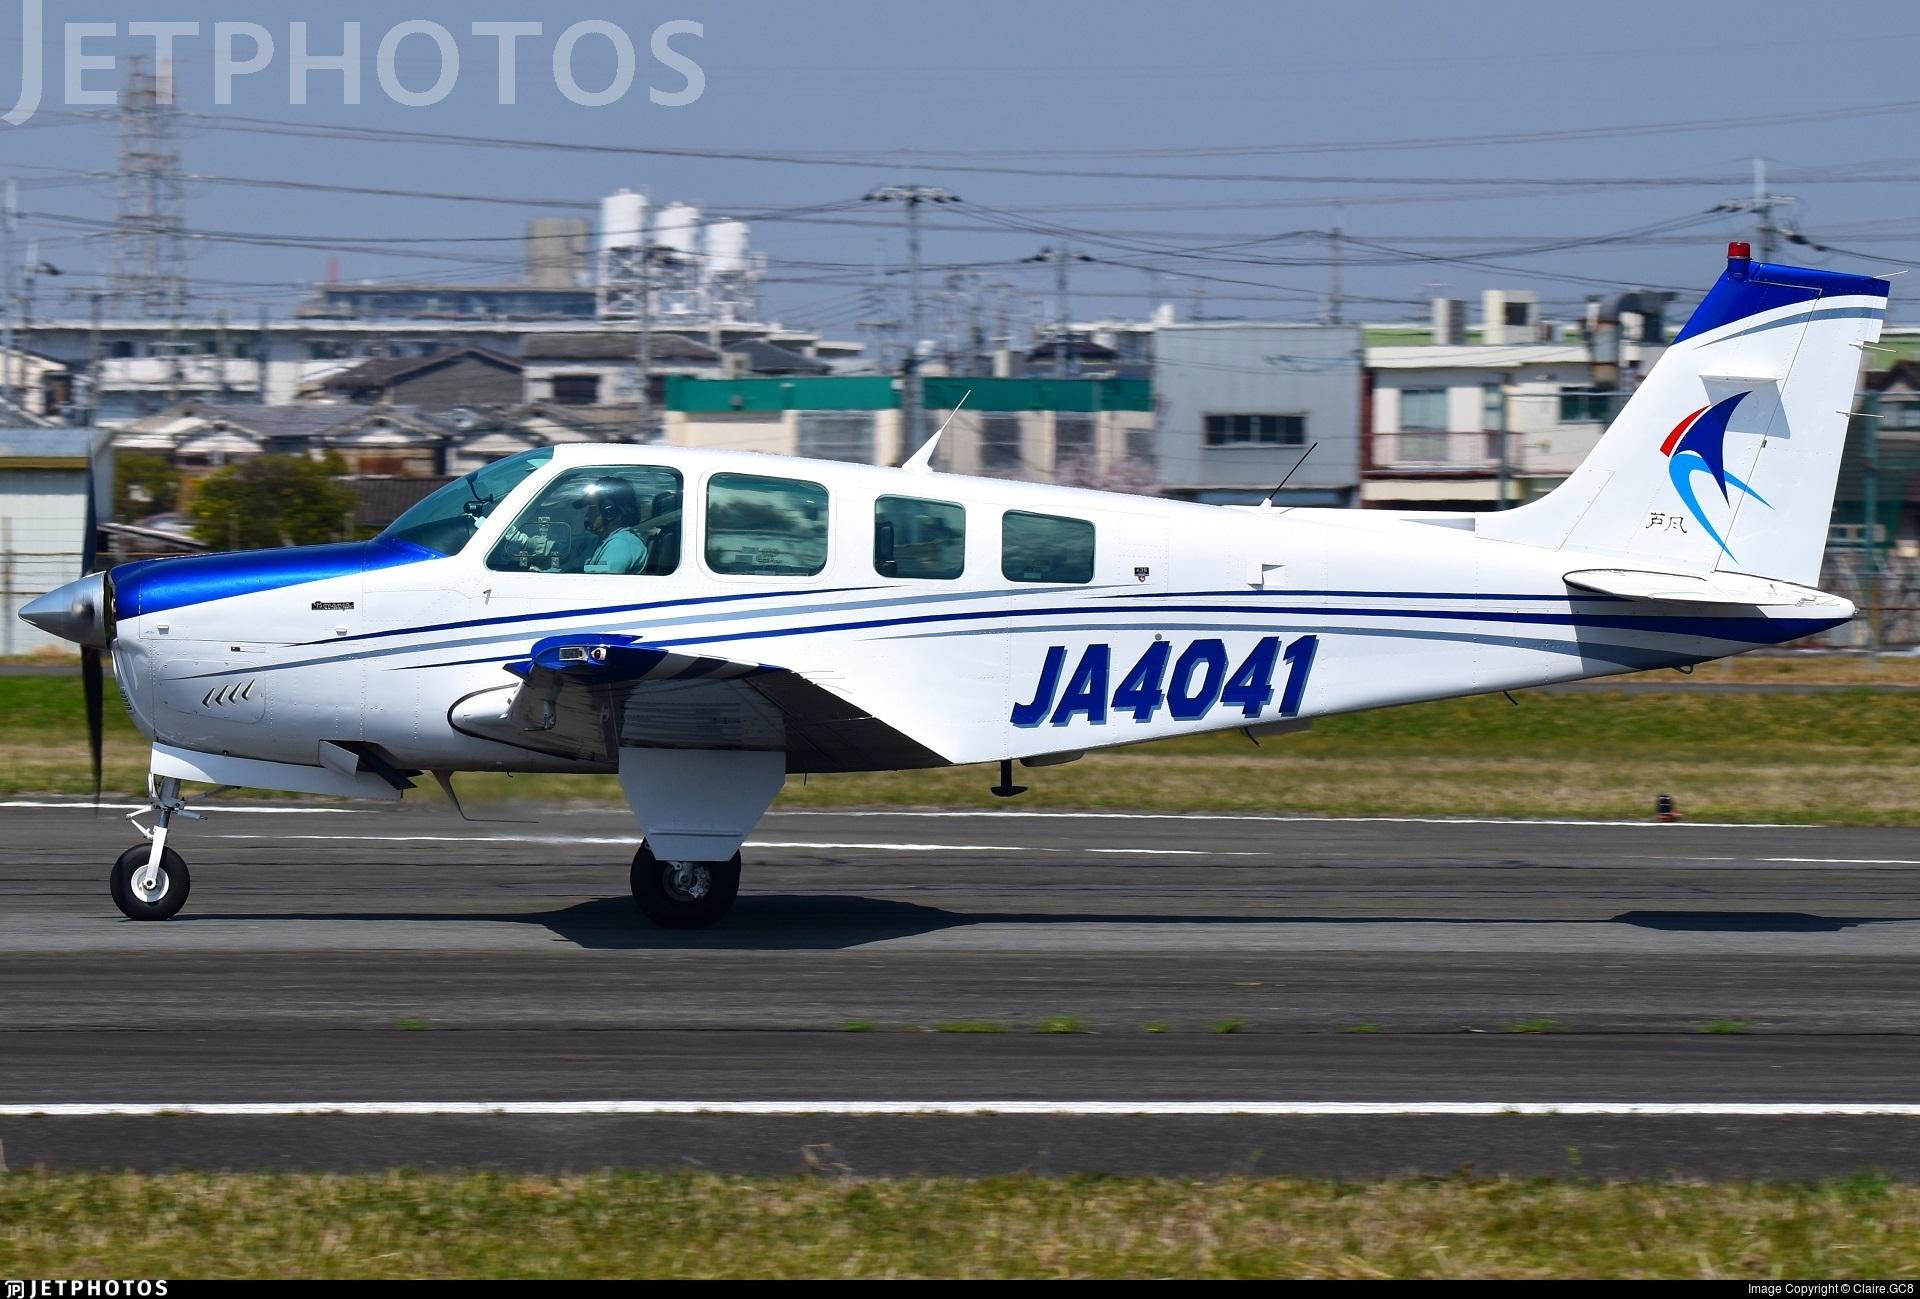 JA4041 - Beechcraft A36 Bonanza - Private